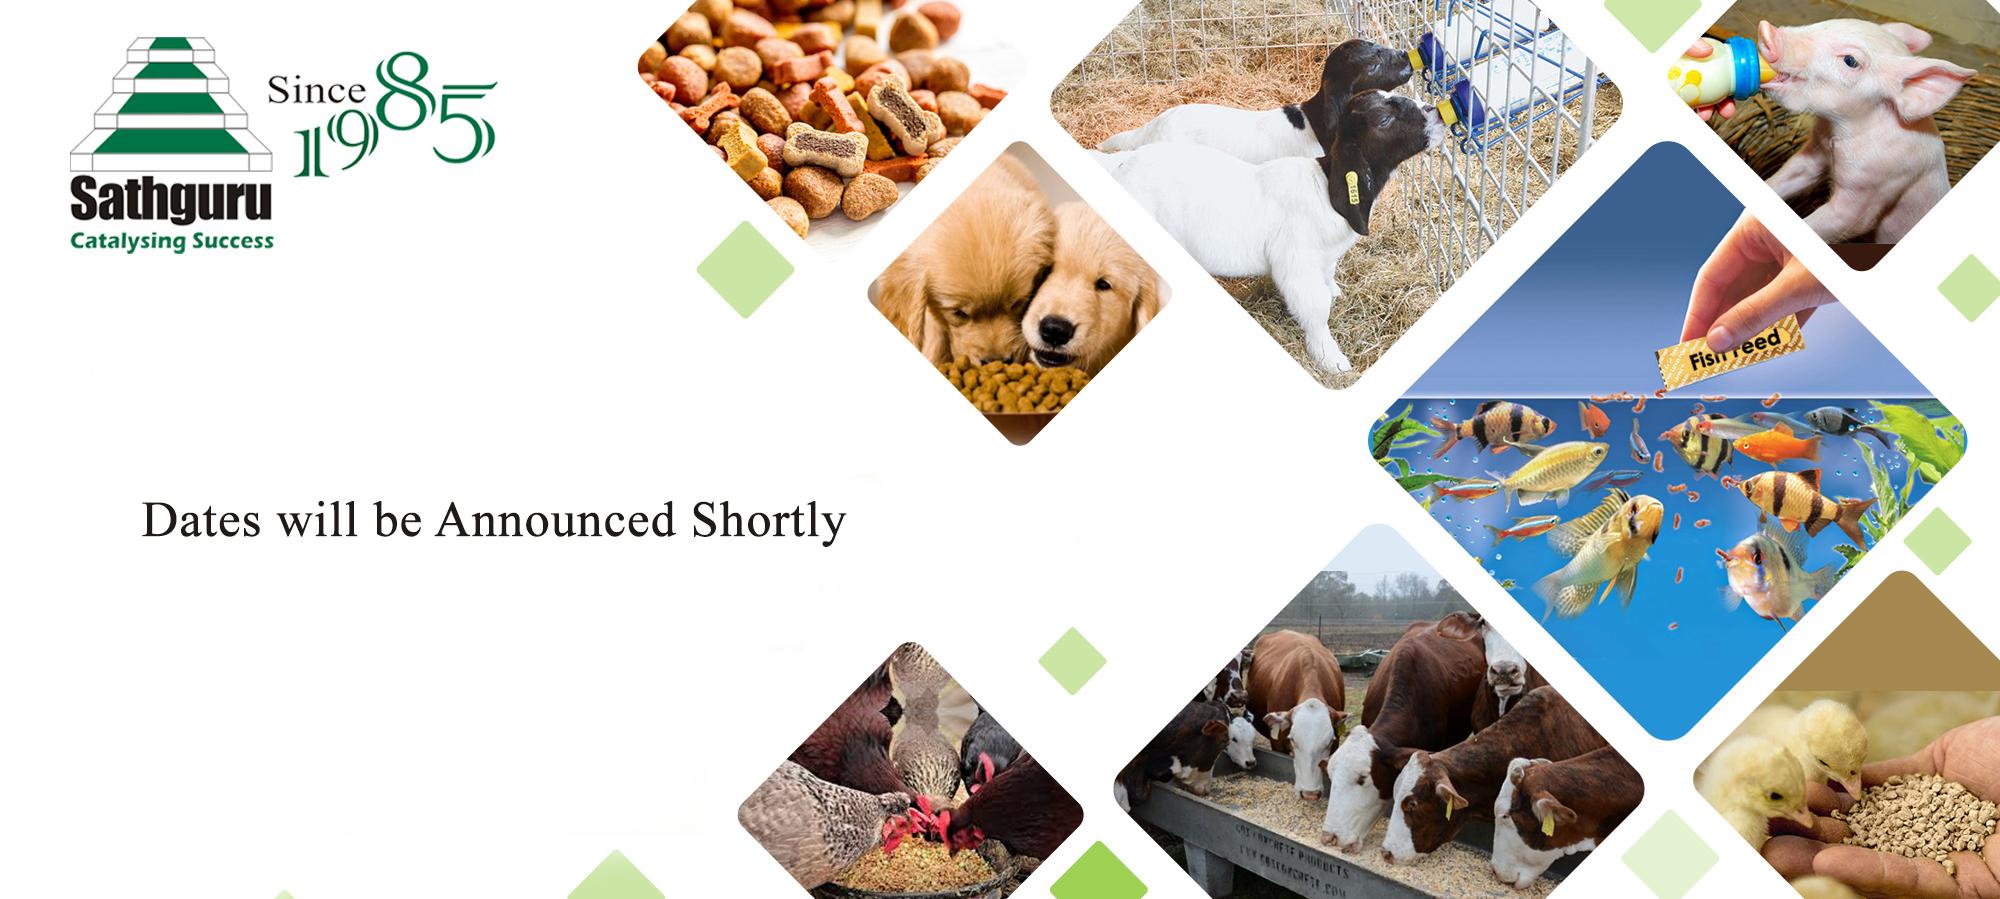 fspca-animal-food